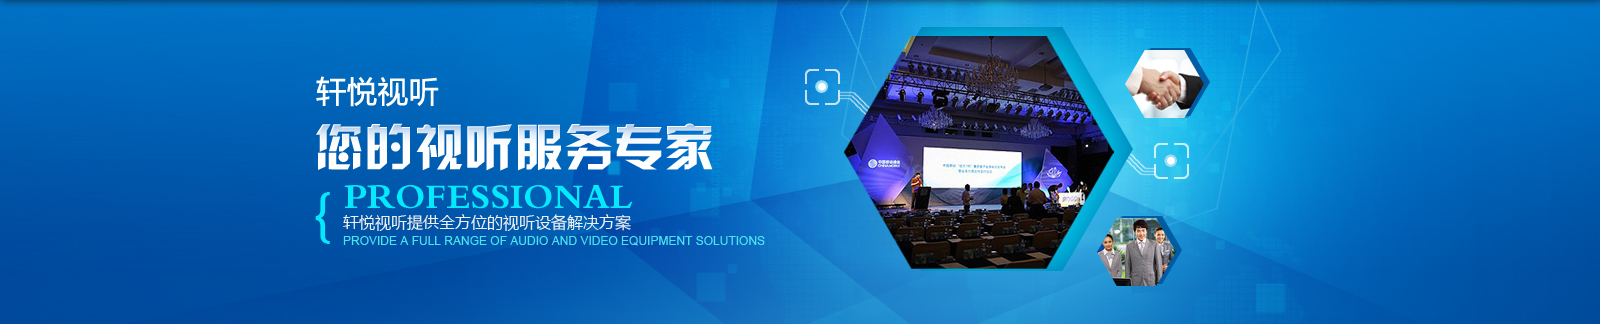 www.yzc88.cc_上海LED租赁,上海音响租赁